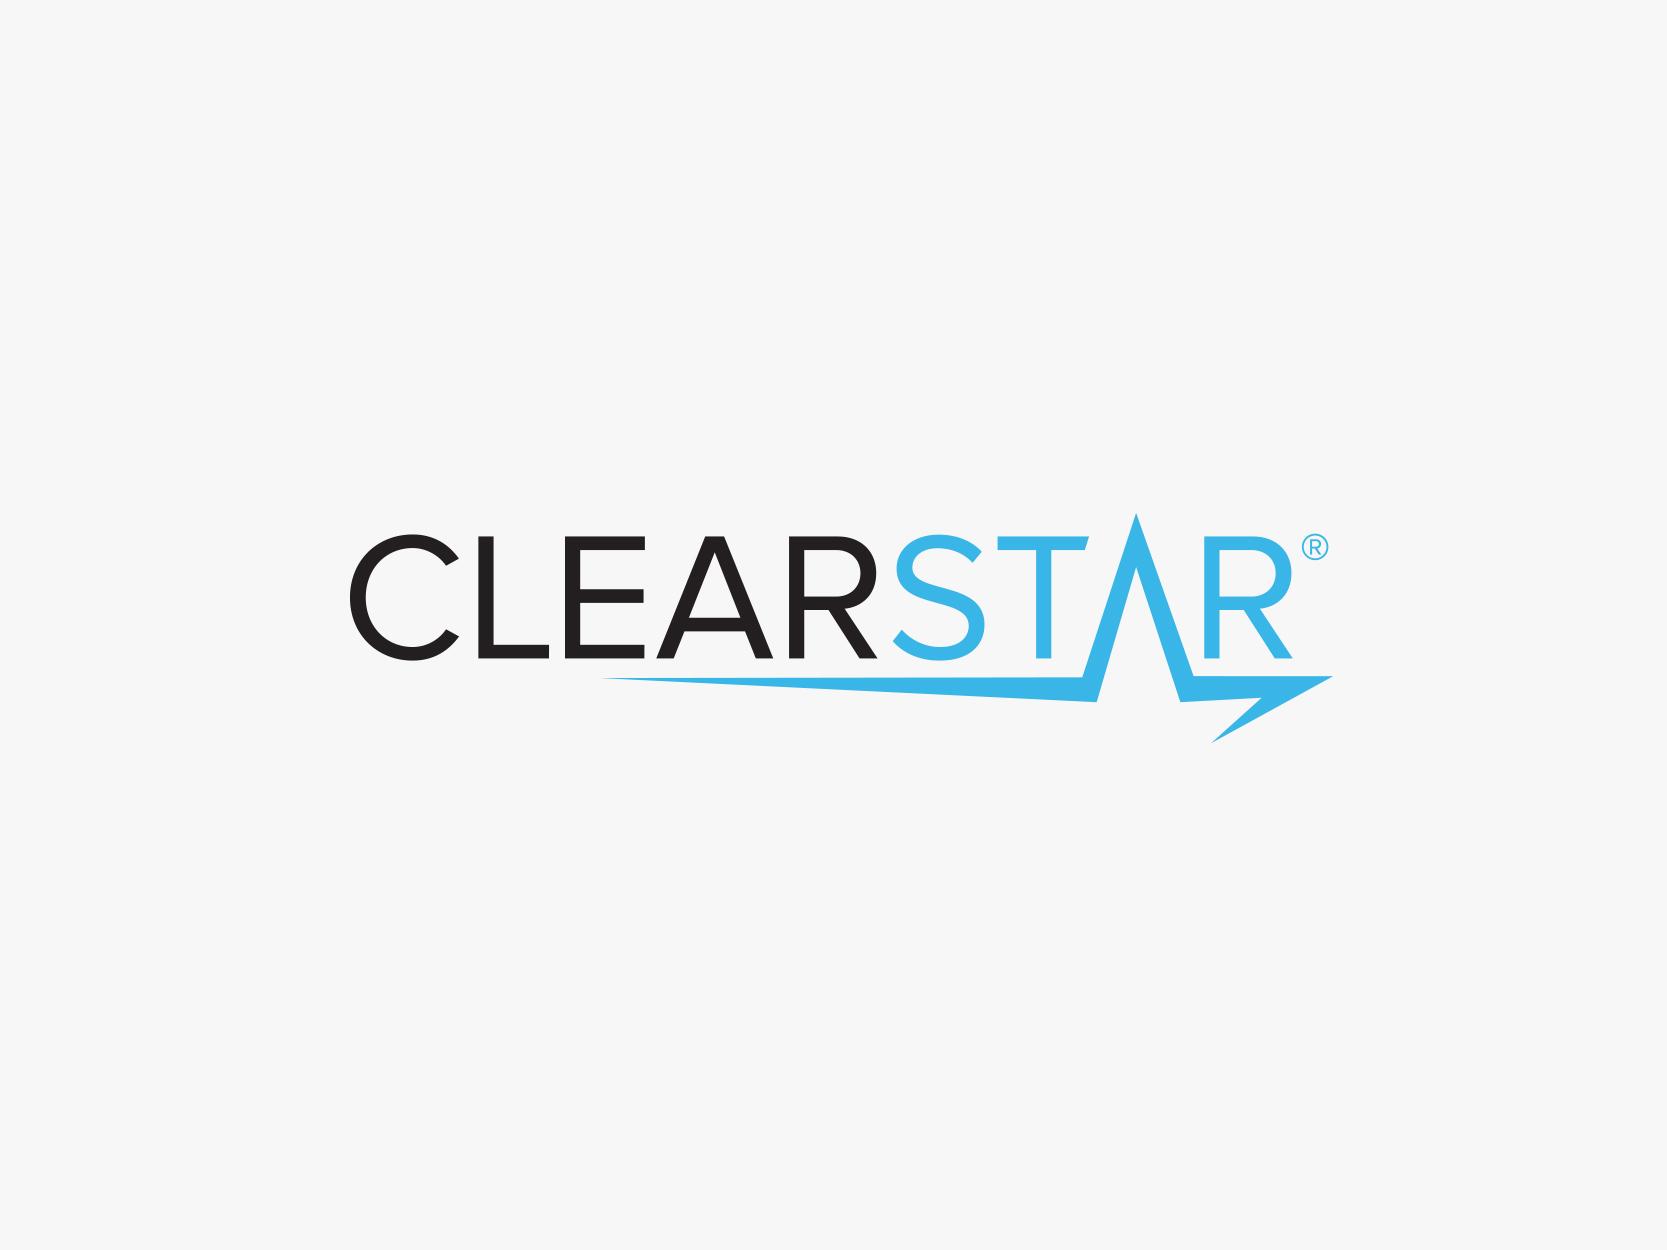 ClearStar.jpg